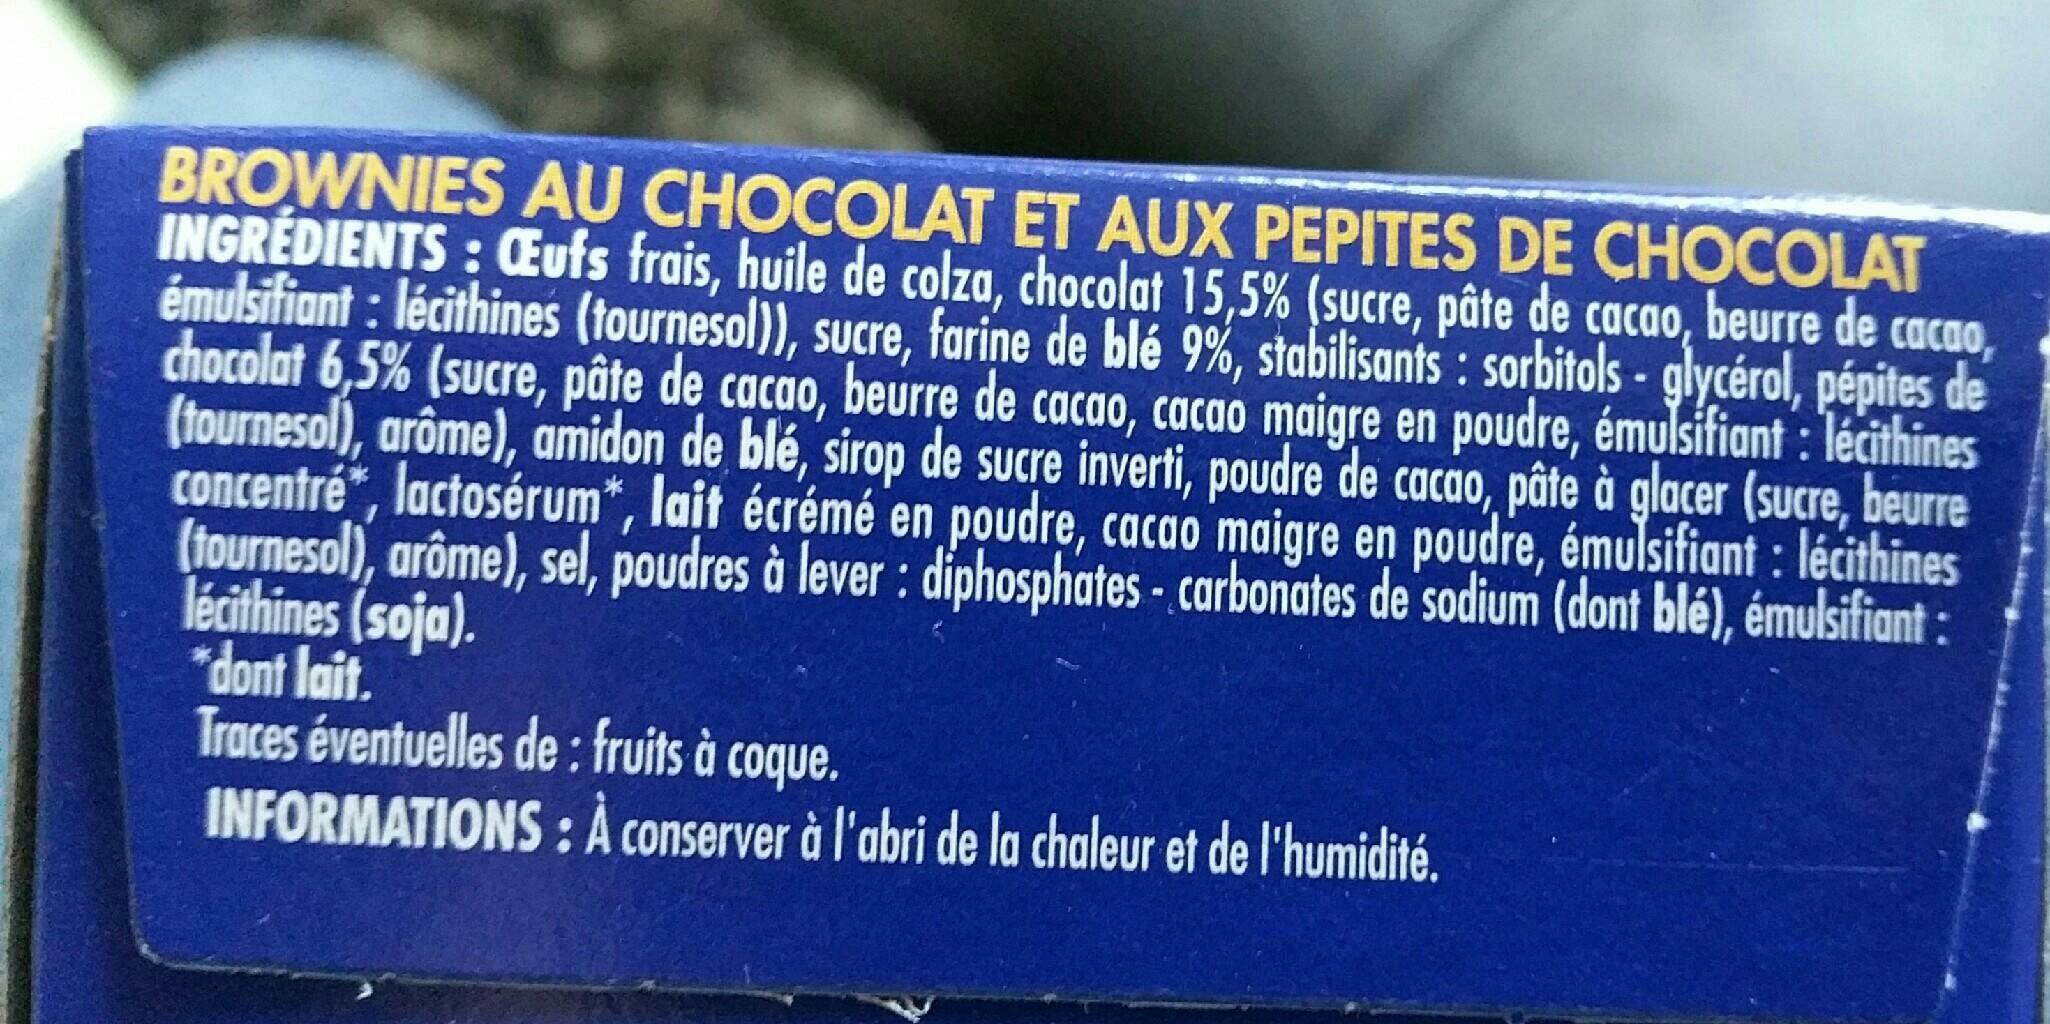 Brownie Pocket Choco Pépites - Ingredients